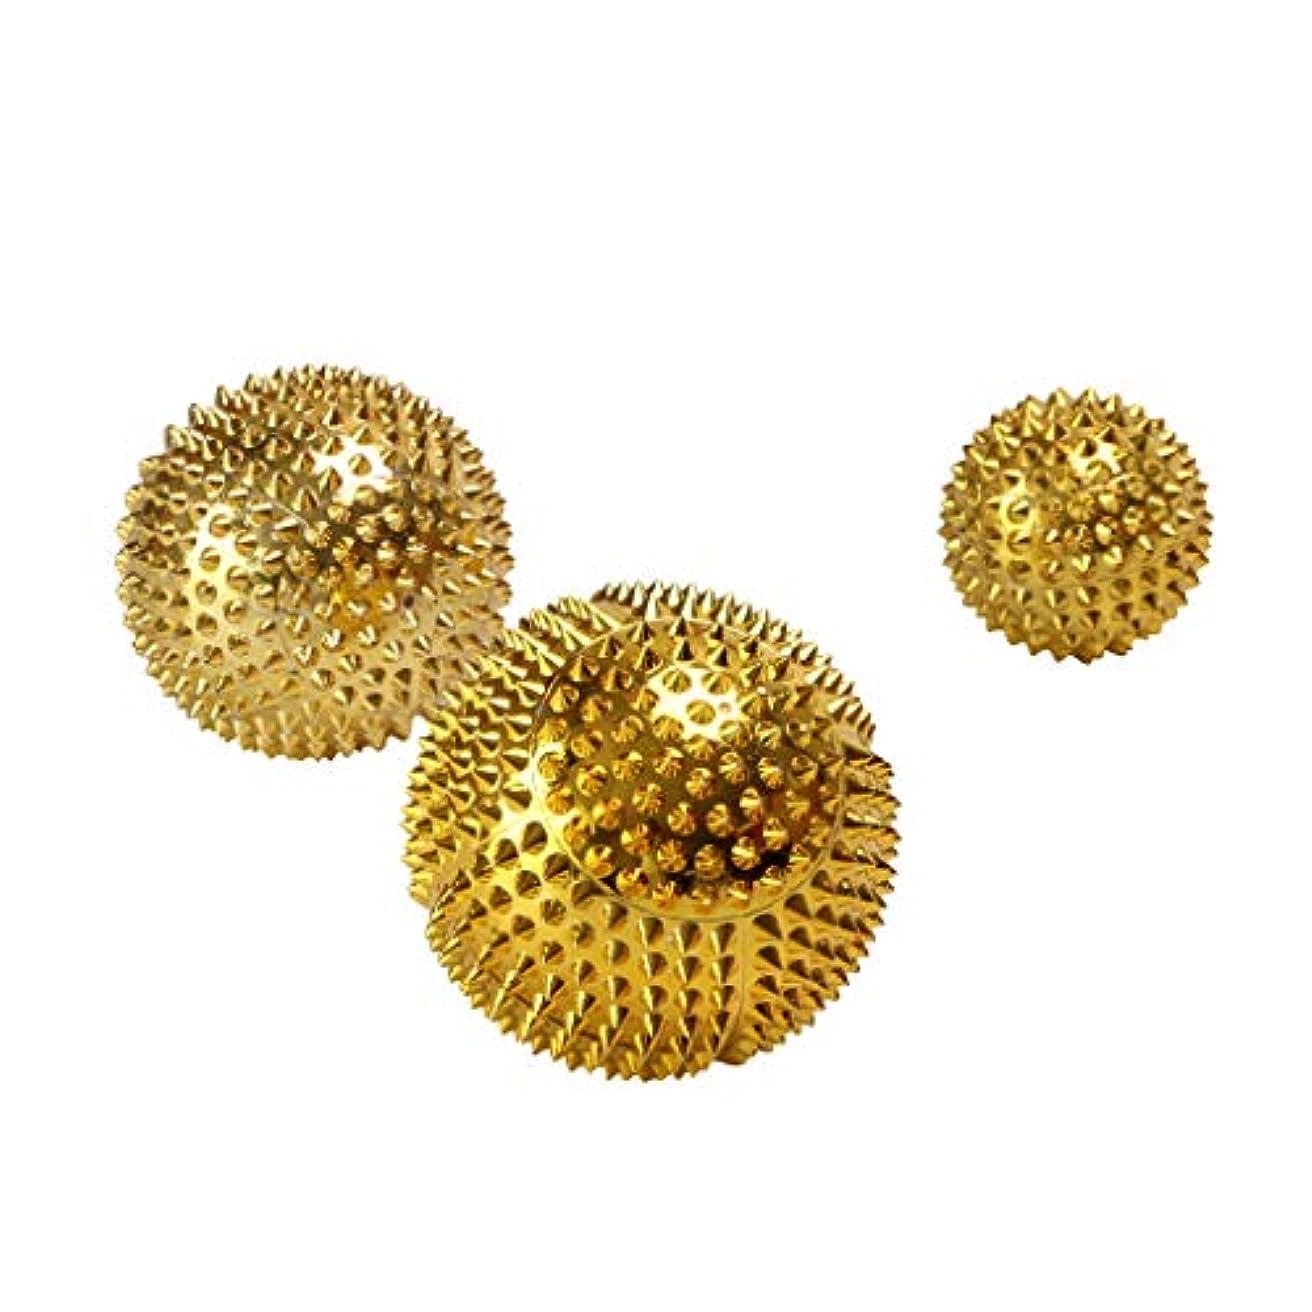 人工的な返還不名誉3pcs Palms Foot Massage Tool Body Acupressure Spiky Plantar Fasciitis Massage Balls 3.2 Cm + 4.5 Cm + 5.6 Cm Gold...